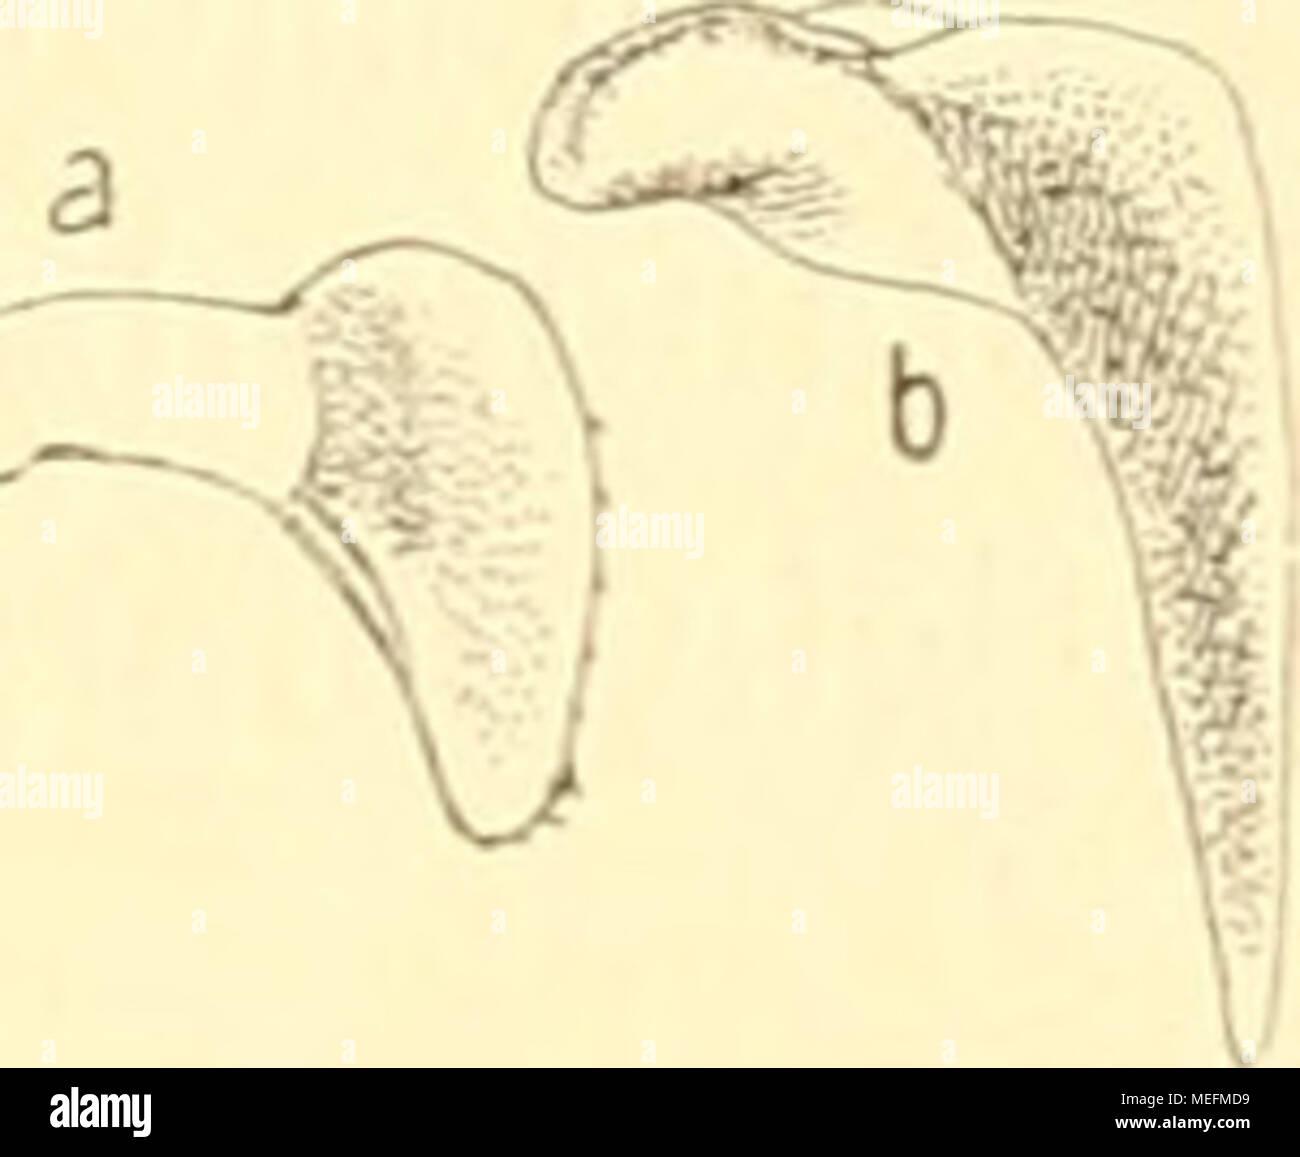 Fantastisch Atmungssystem Anatomie Und Physiologie Notizen ...